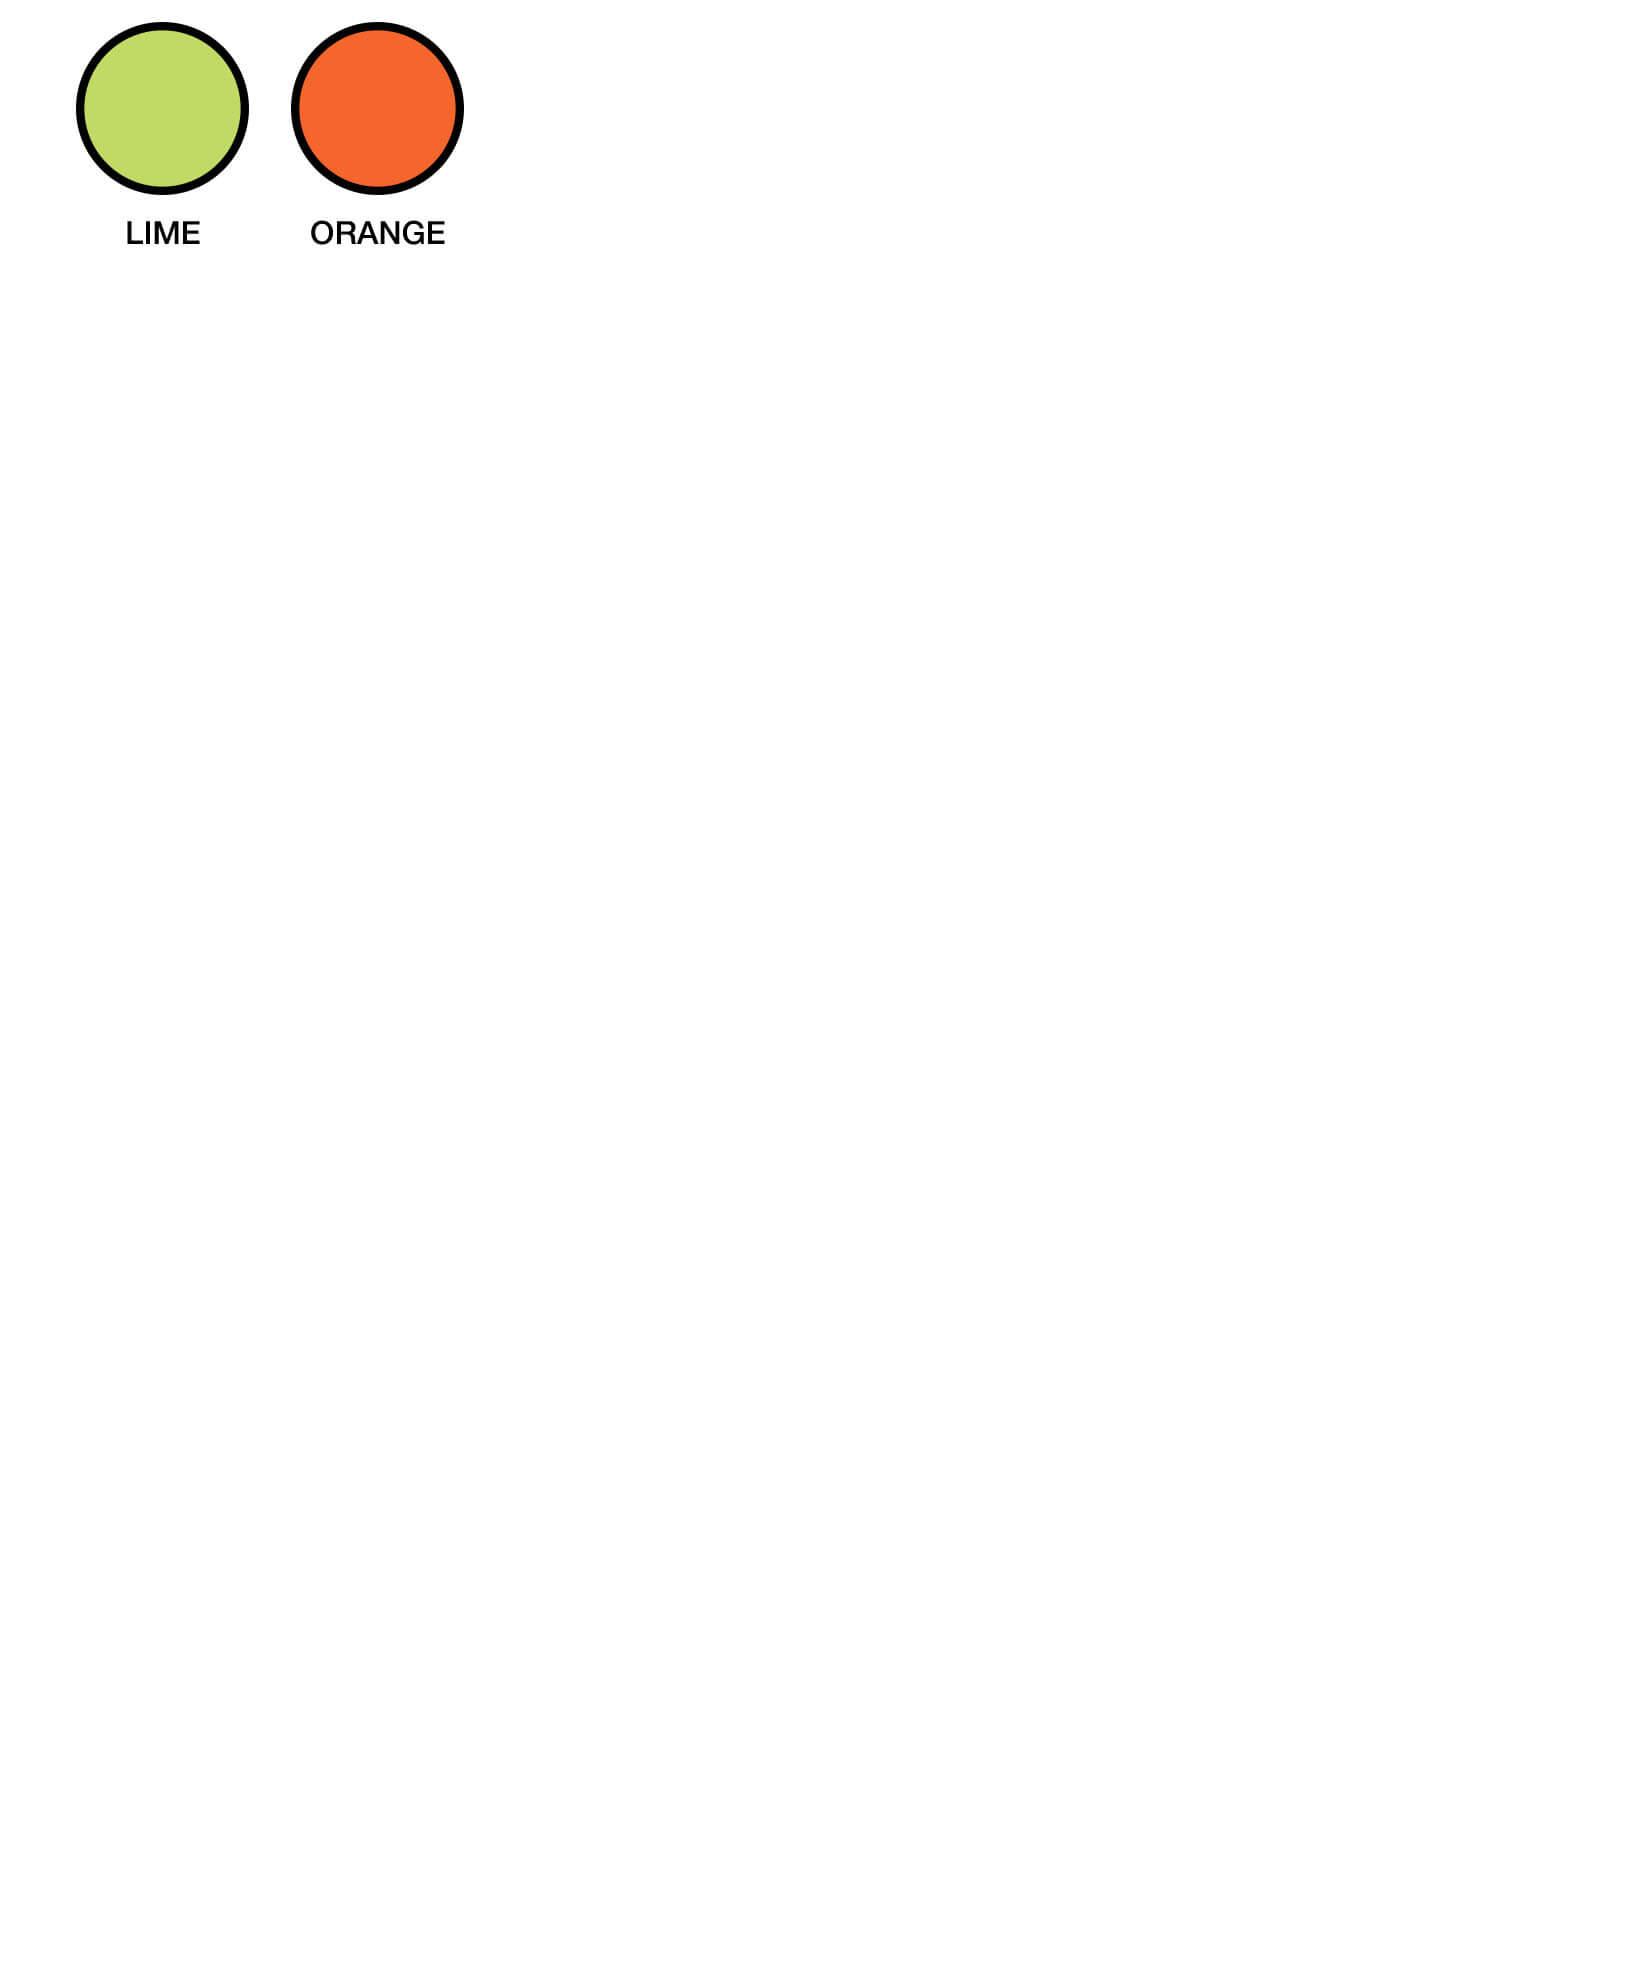 6DNSV Colour Chart